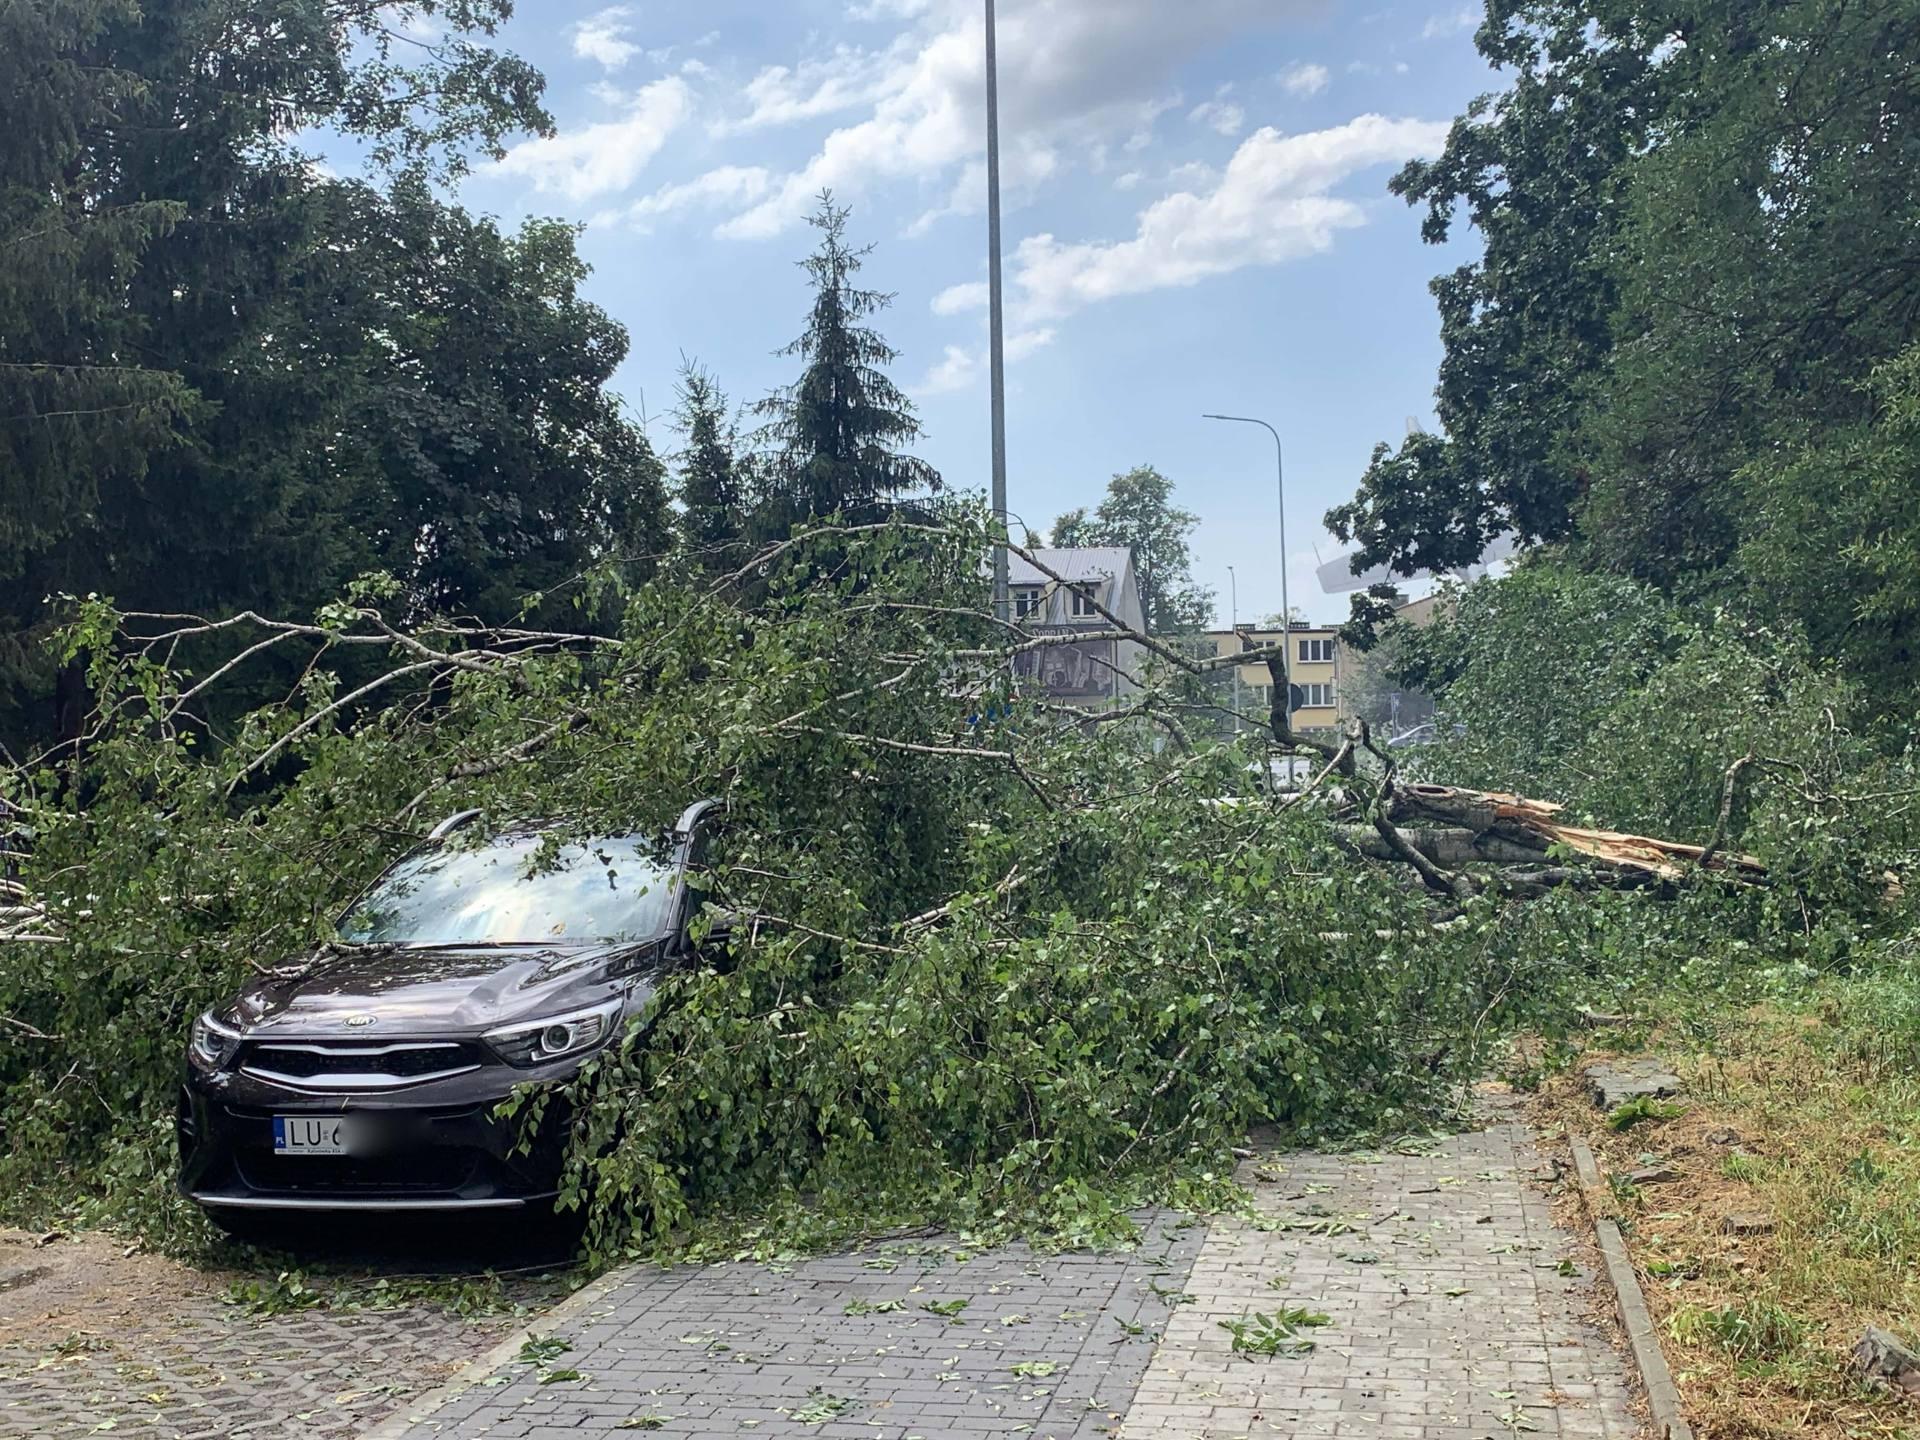 img 0965 Zerwane dachy, połamane drzewa, uszkodzone samochody. Straty po burzy, która przeszła nad Zamojszczyzną